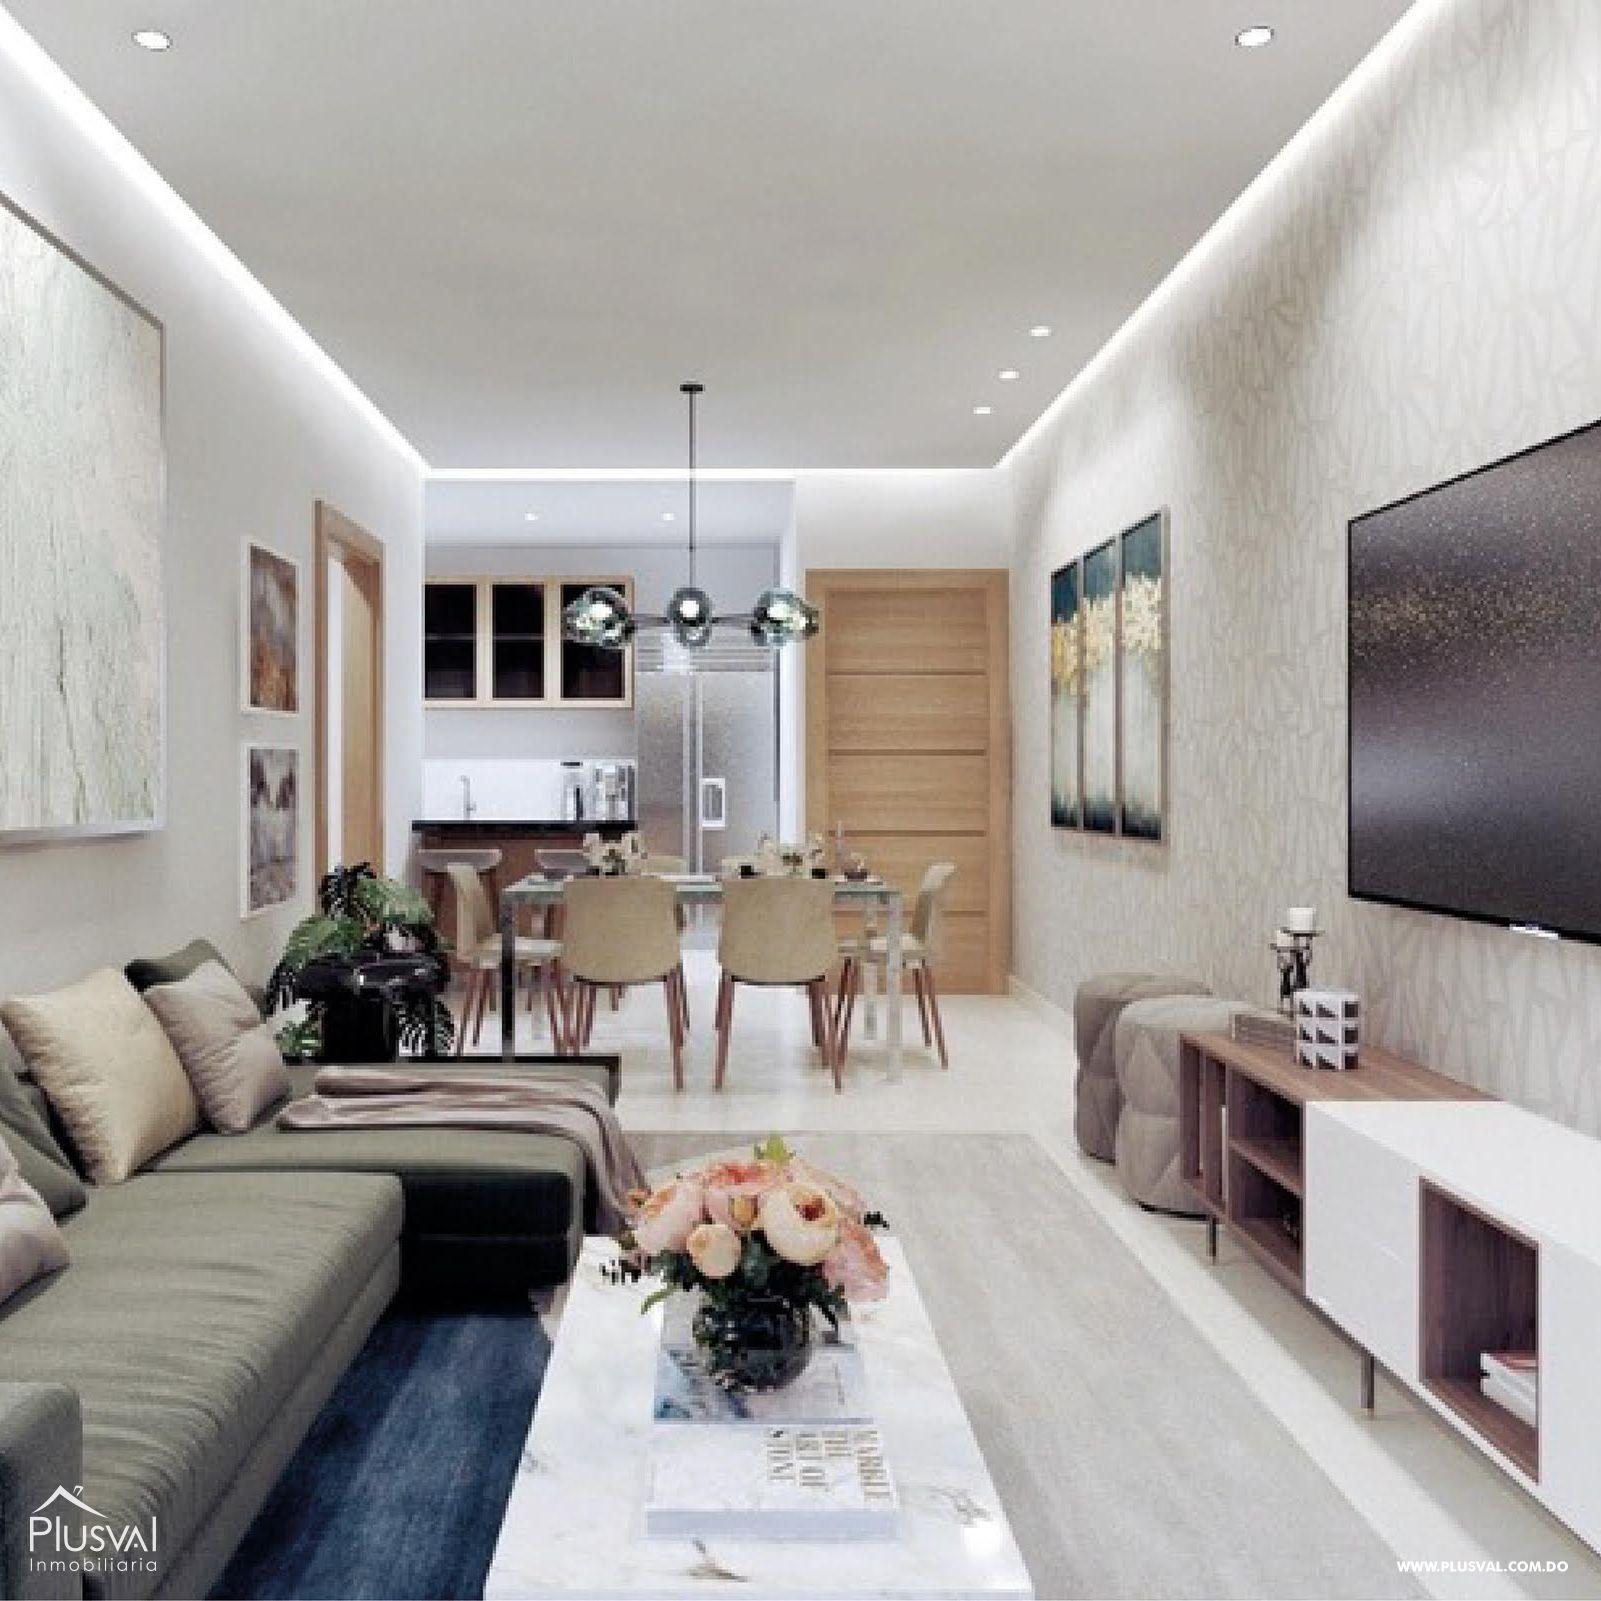 Proyecto de 1 y 2 habitaciones en venta en céntrico sector de Naco 153171